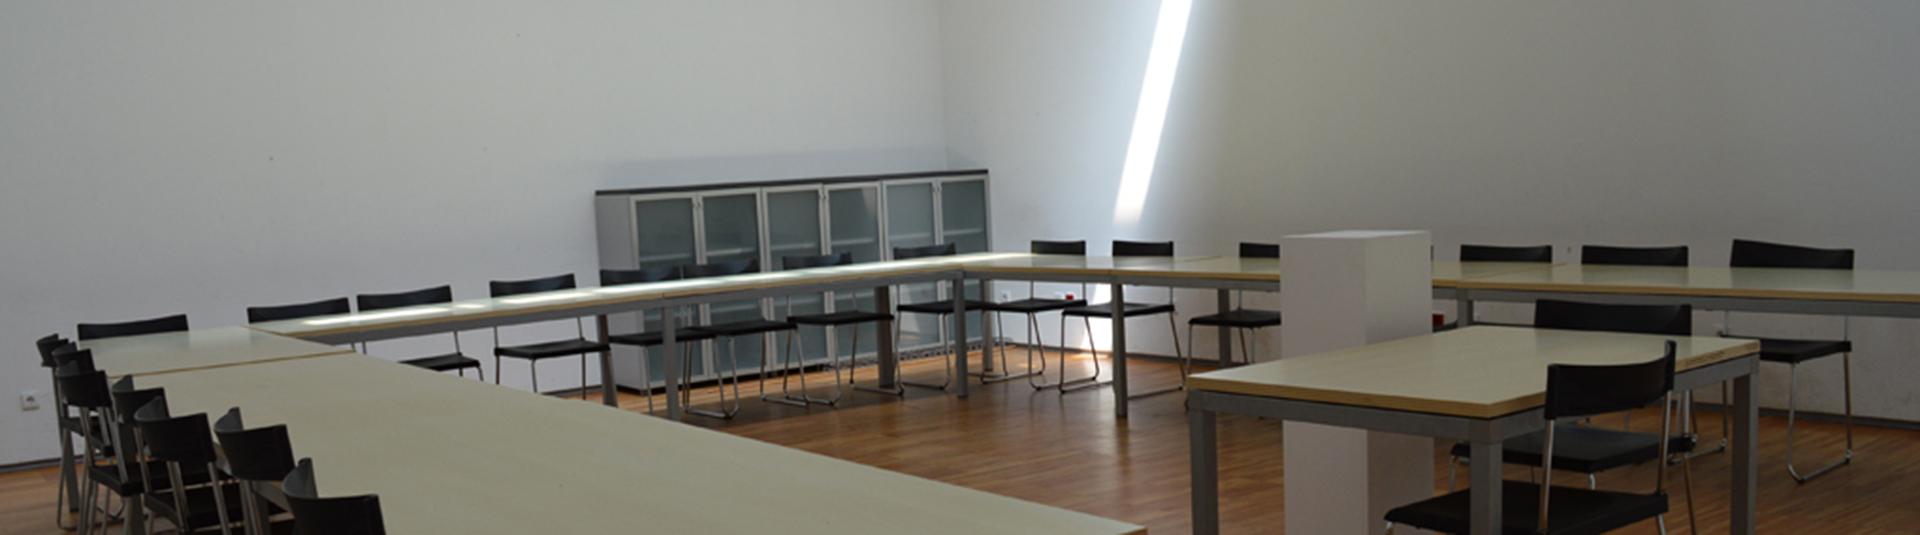 Espaço de estudo para alunos do Ensino Superior